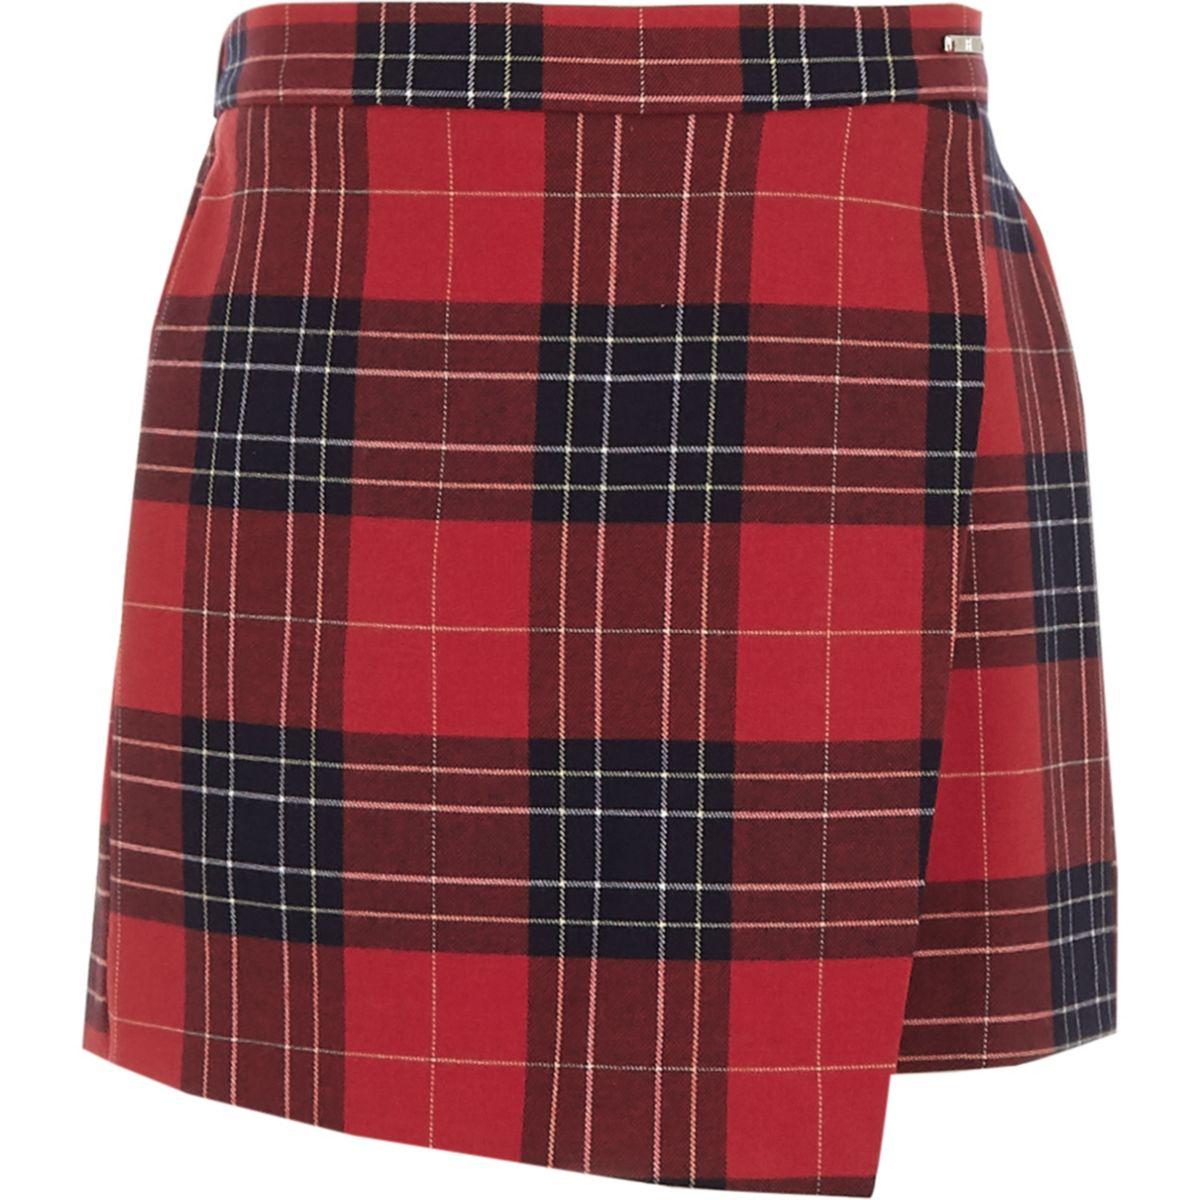 Girls red tartan skirt